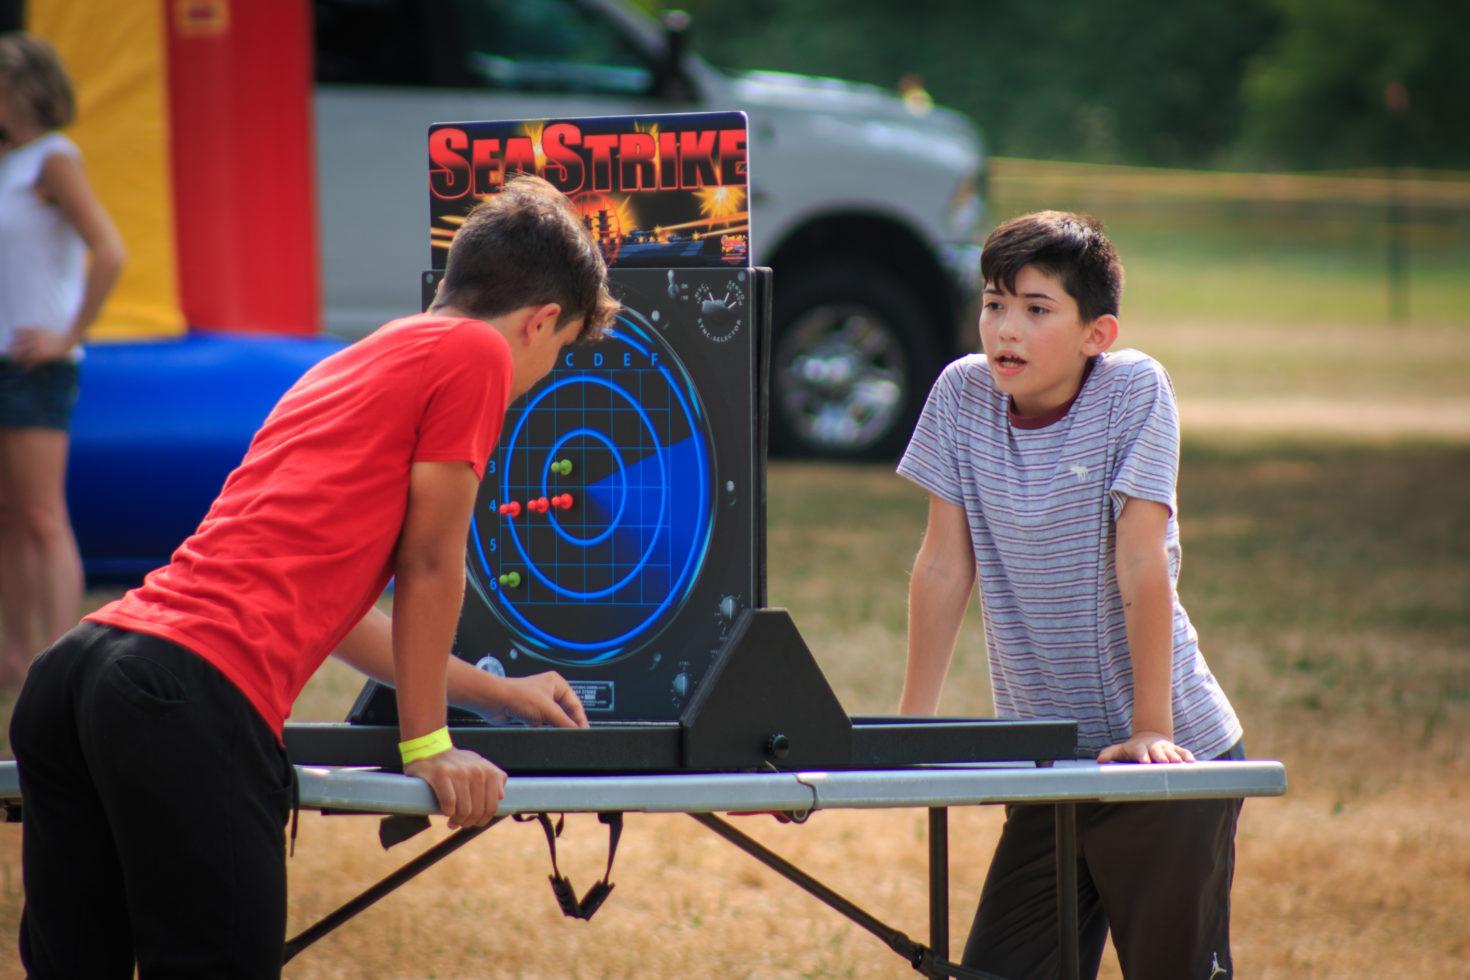 2 guys playing giant battleship